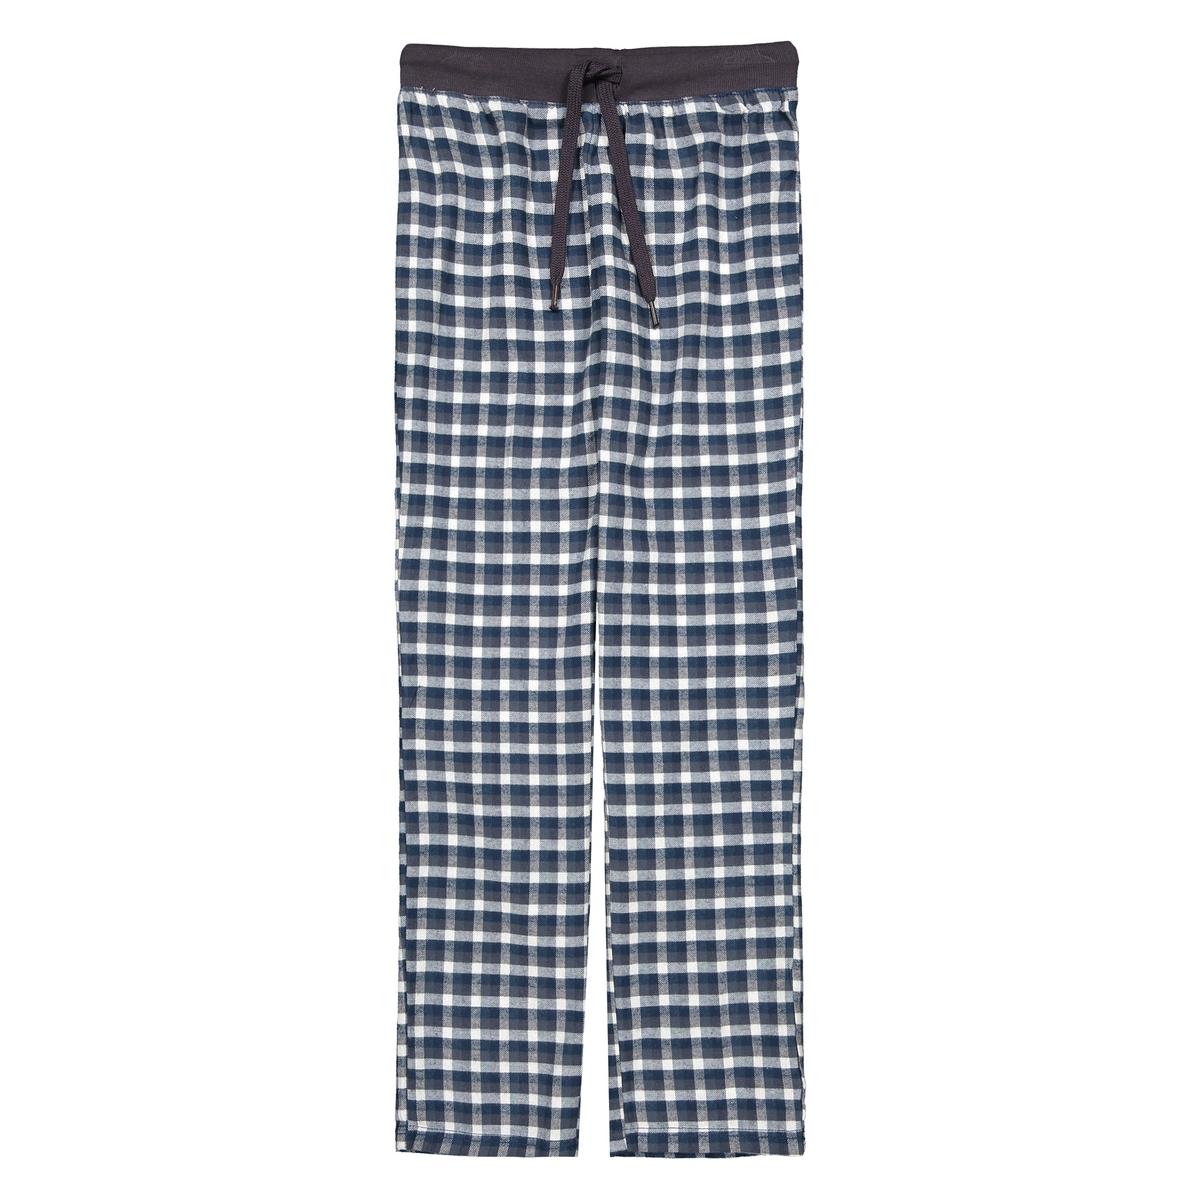 купить Низ La Redoute От пижамы в клетку - лет 12 лет -150 см другие дешево